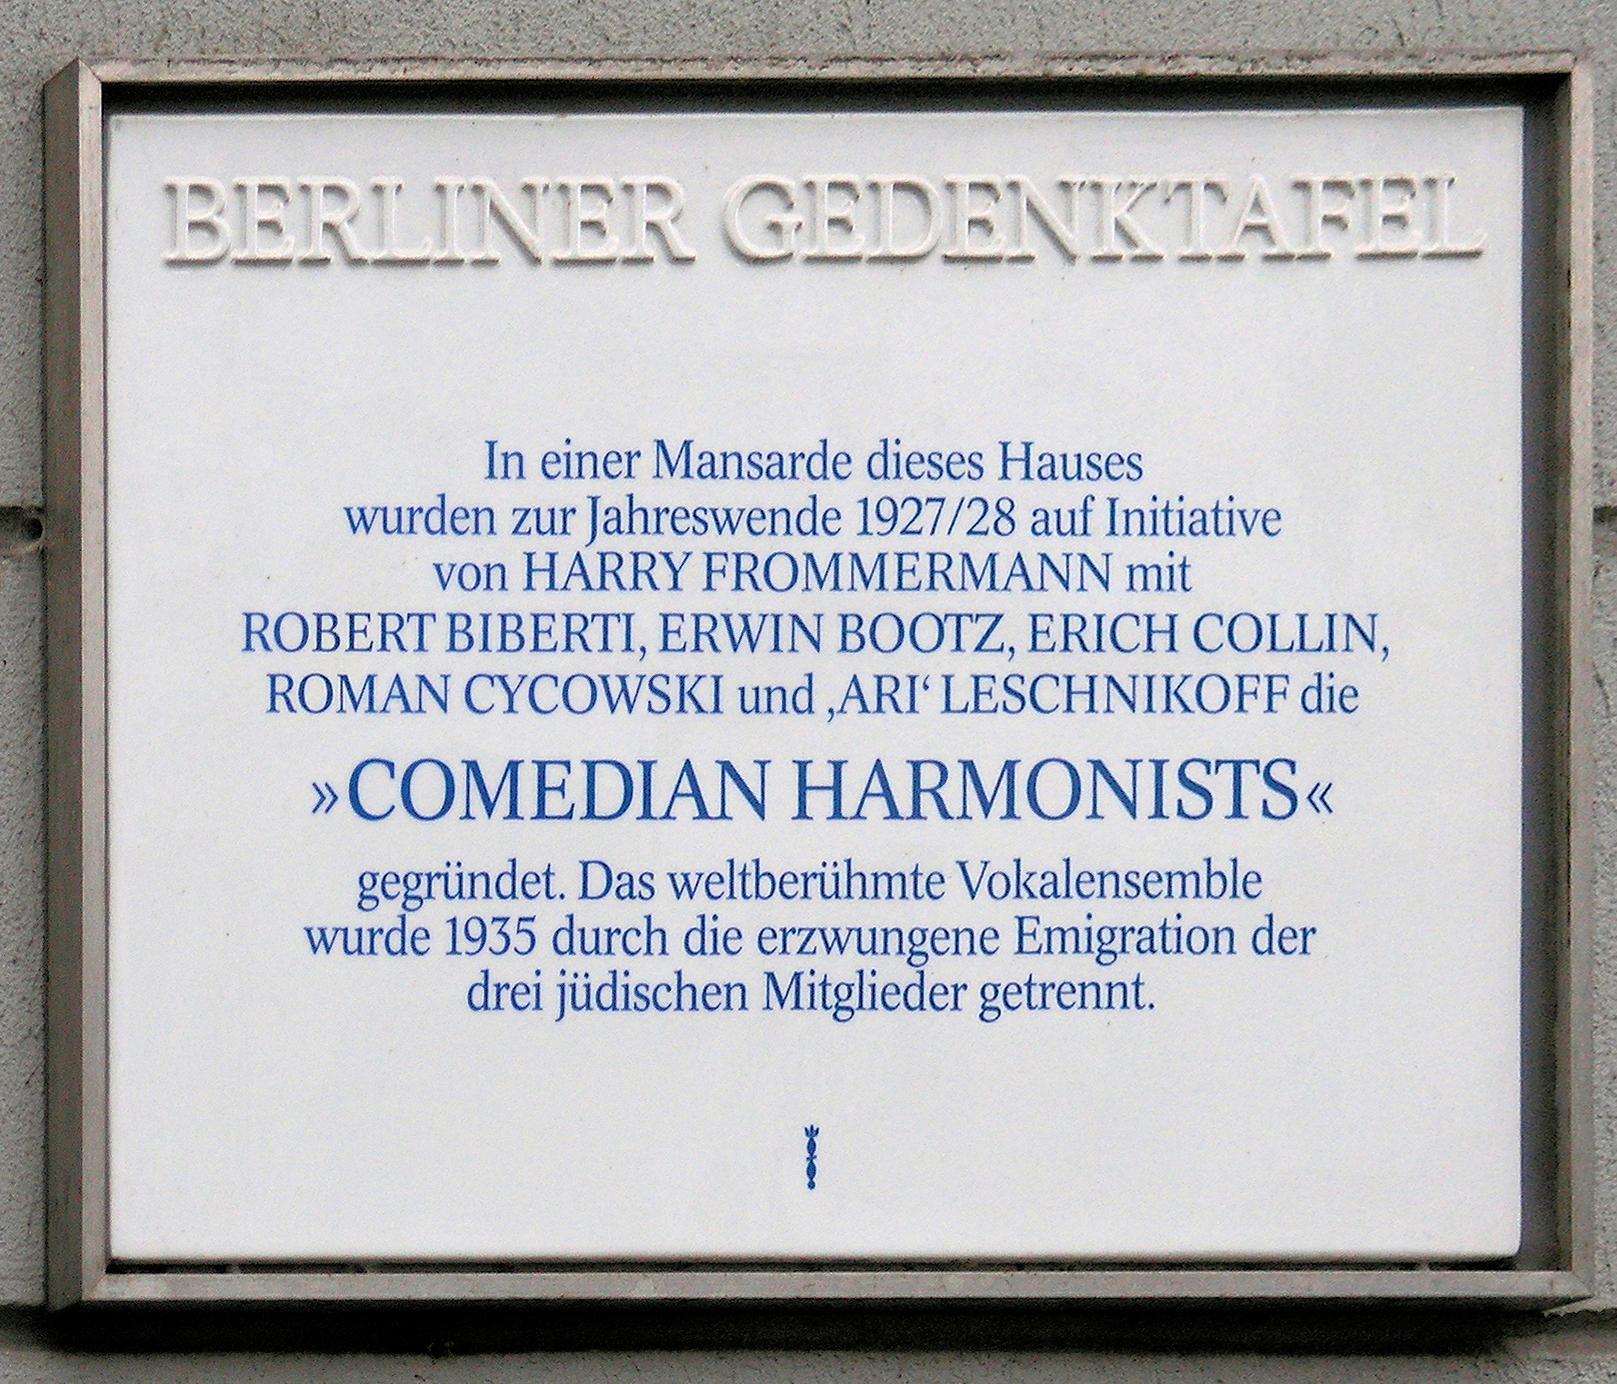 Comedian Harmonists – Wikipedia